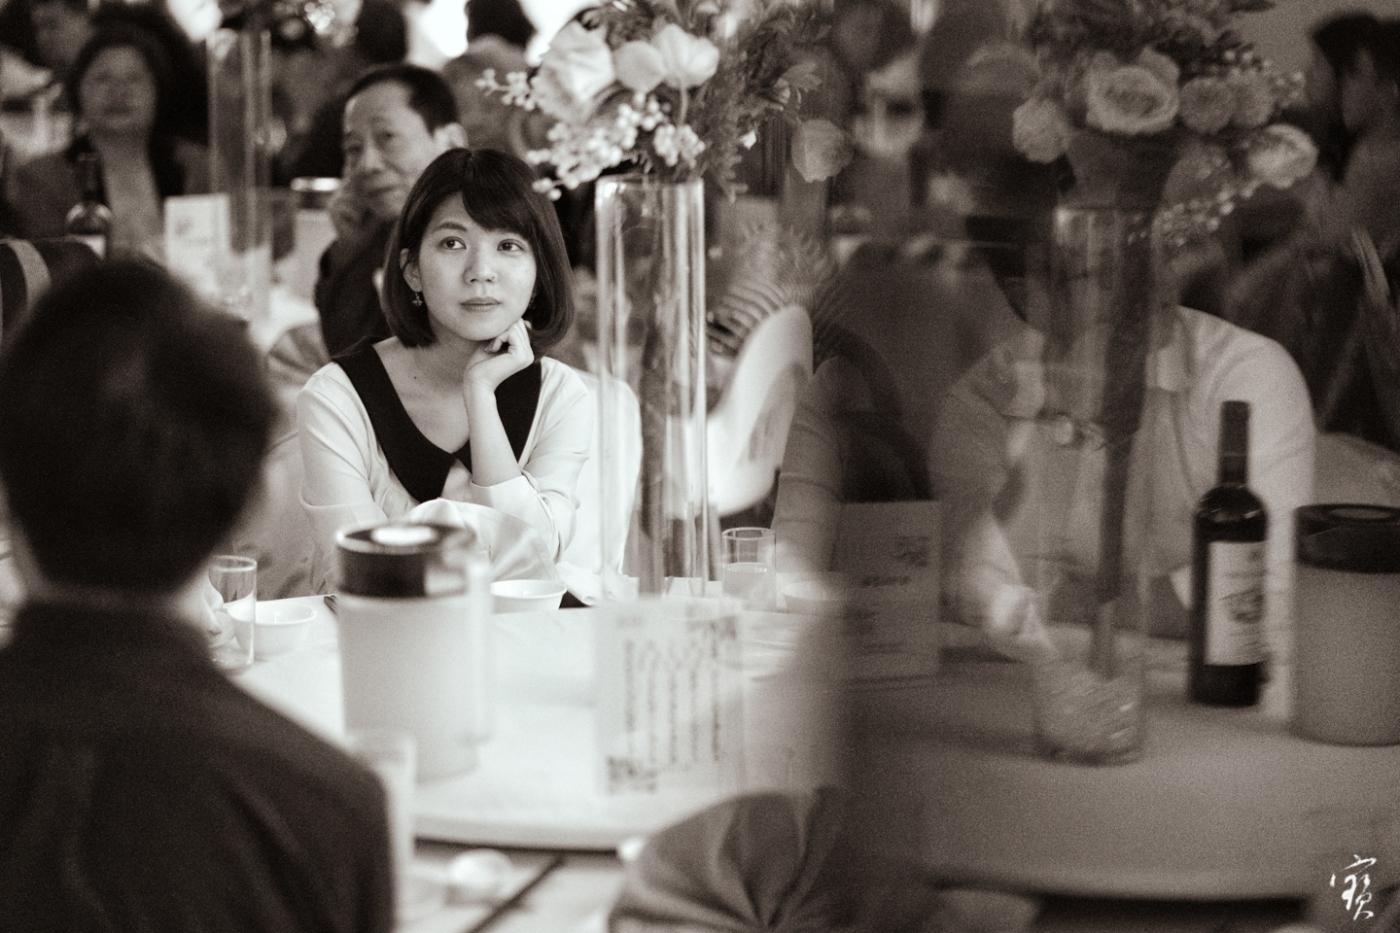 婚禮攝影 新竹彭園 冬伴影像 攝影師大寶 婚紗攝影 新娘新郎 早儀午宴20181125-335